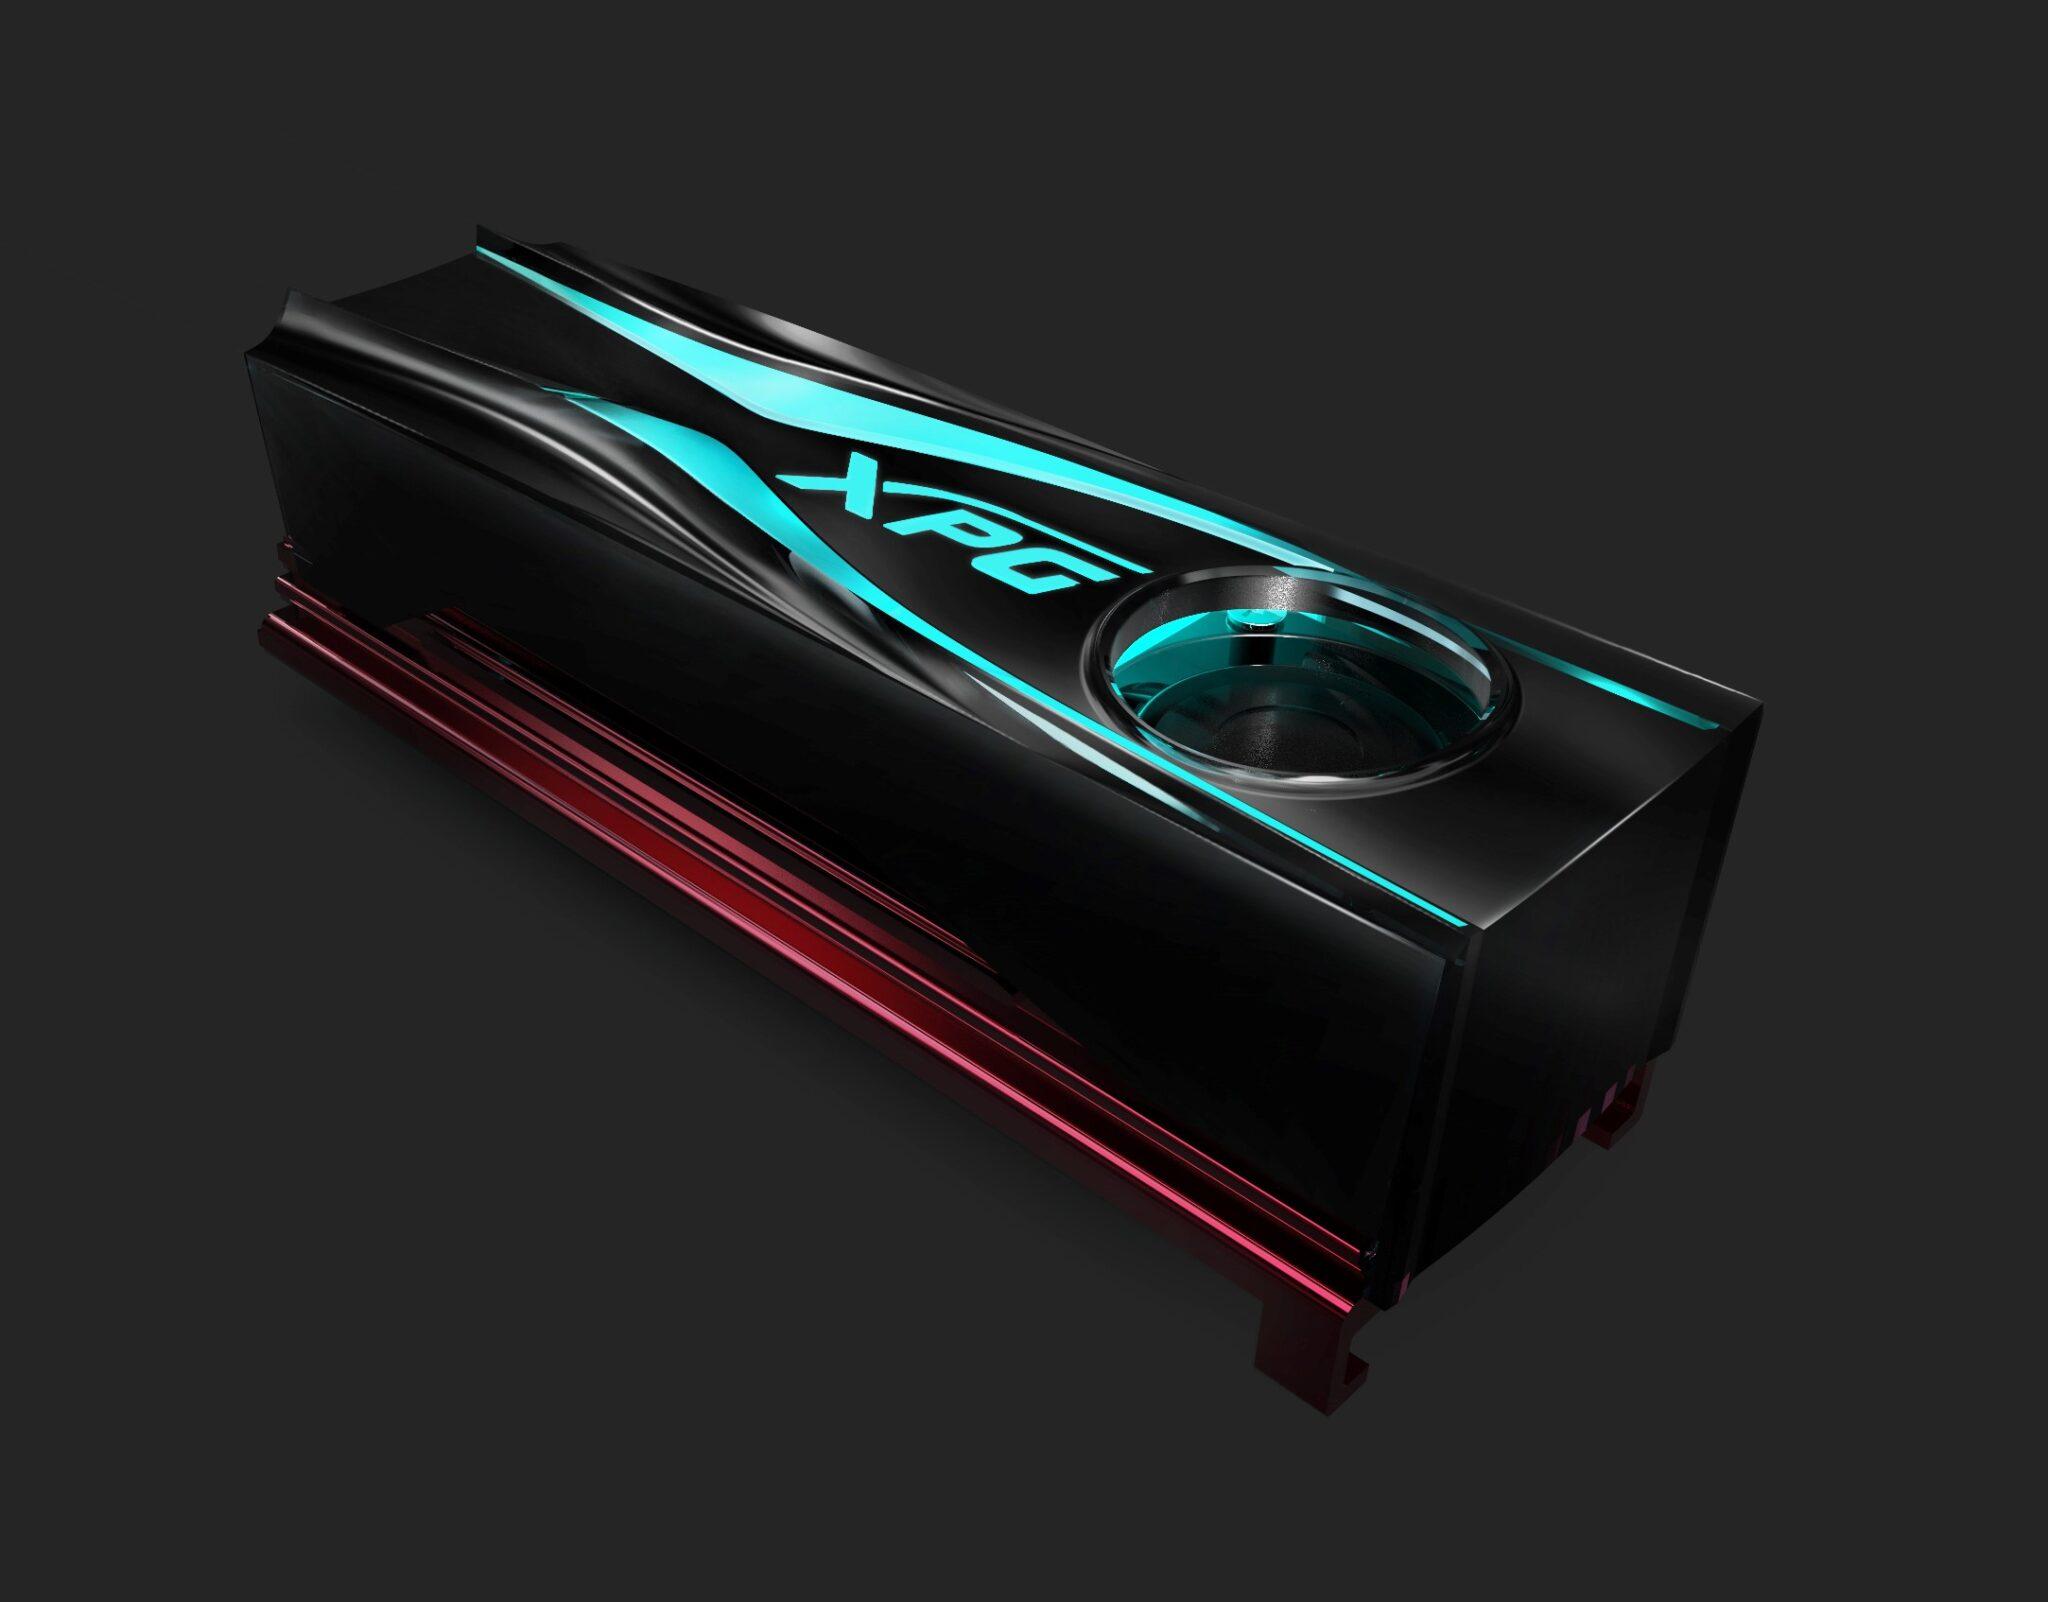 Az ADATA bemutatja az XPG STORM RGB M.2 2280 aktív hűtést